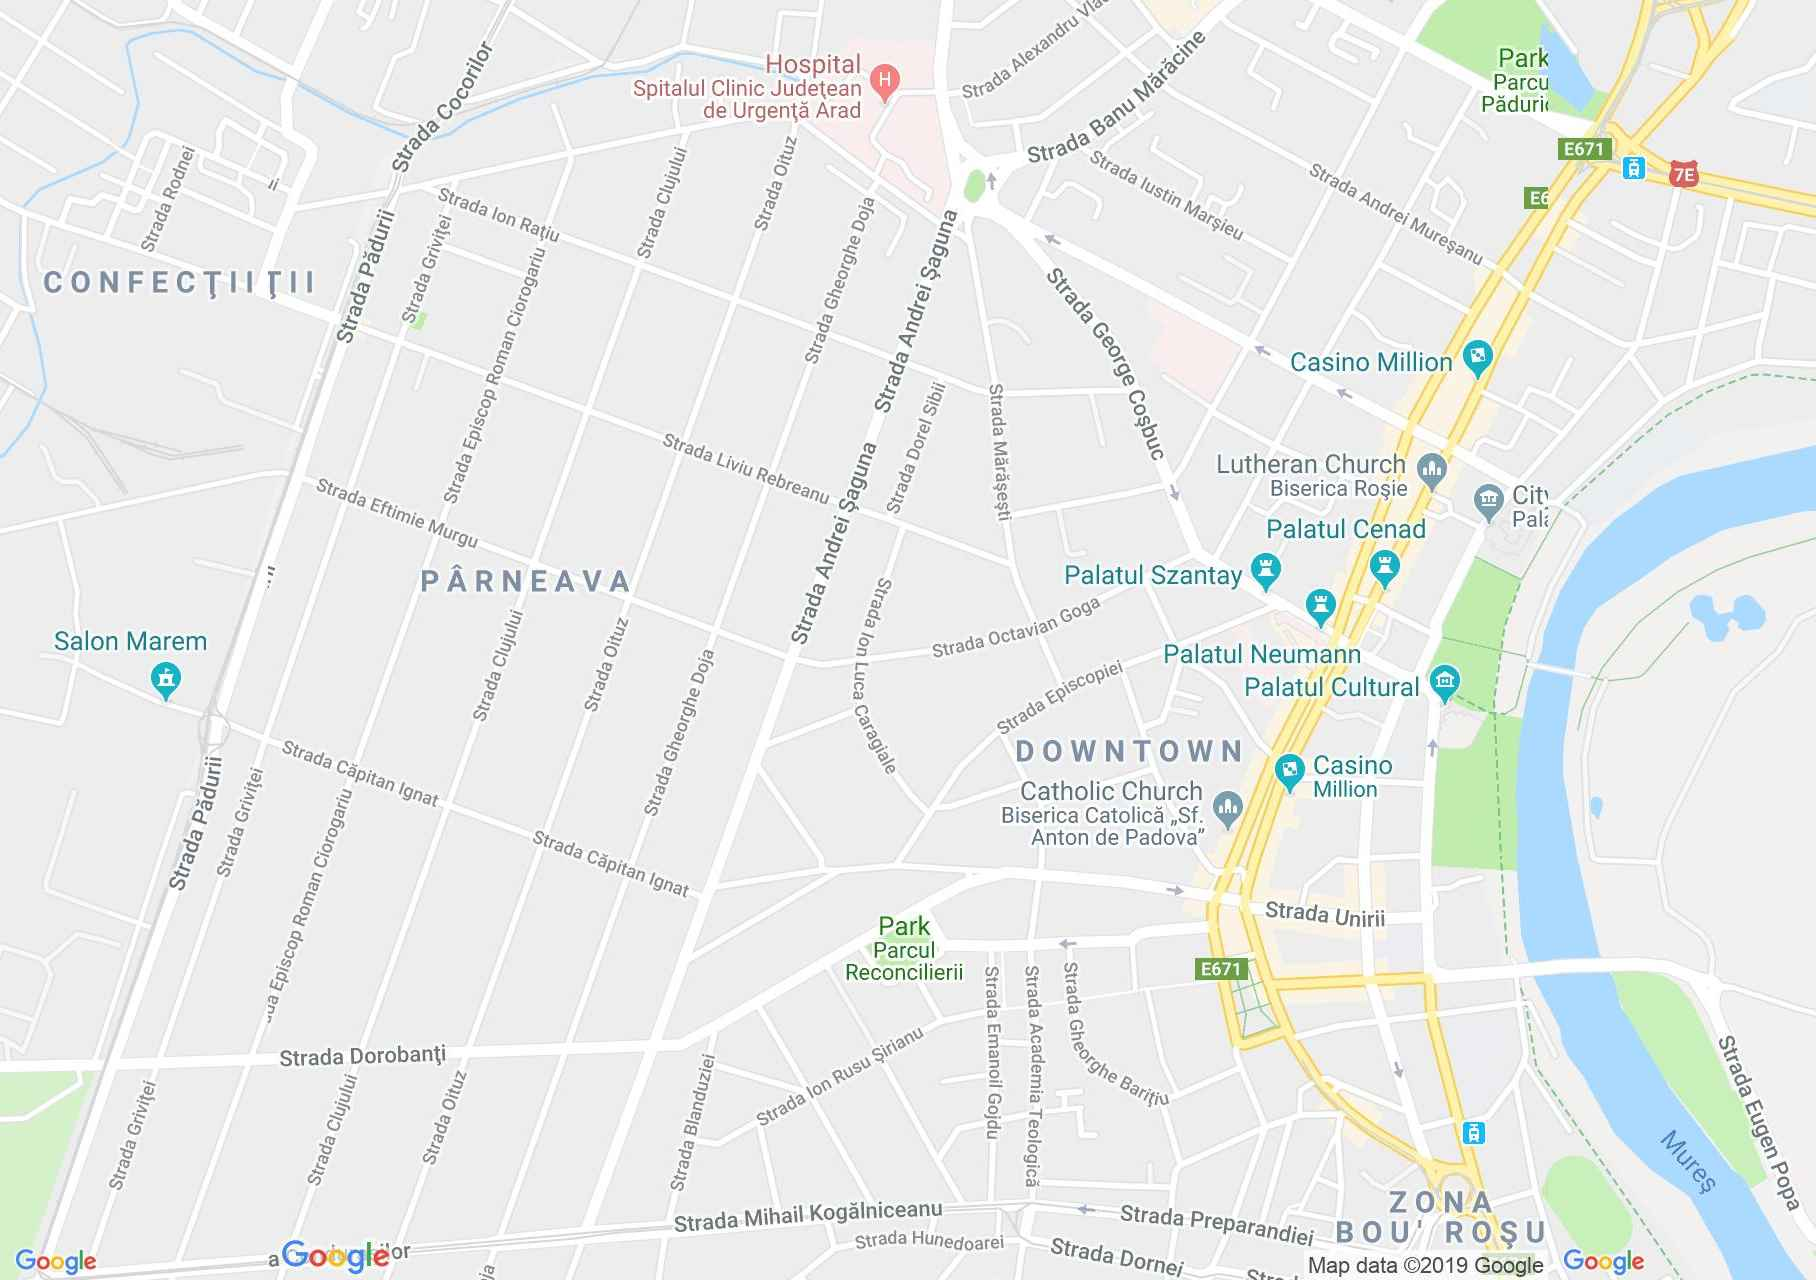 Hartă Arad: Parcul Reconcilierii